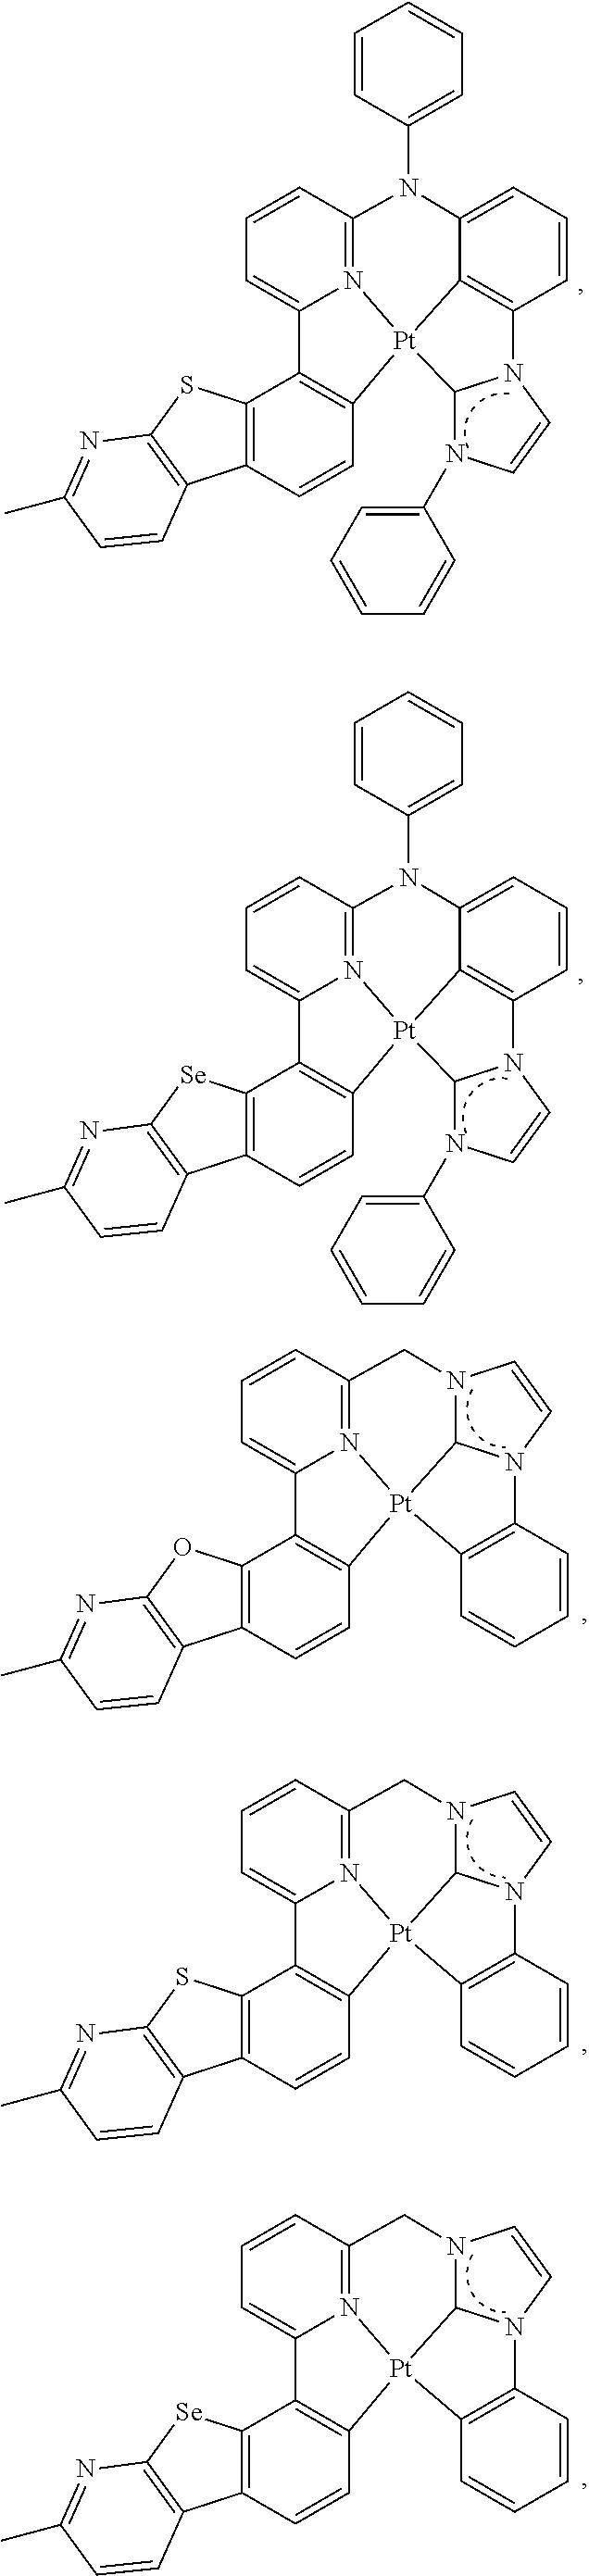 Figure US09871214-20180116-C00307